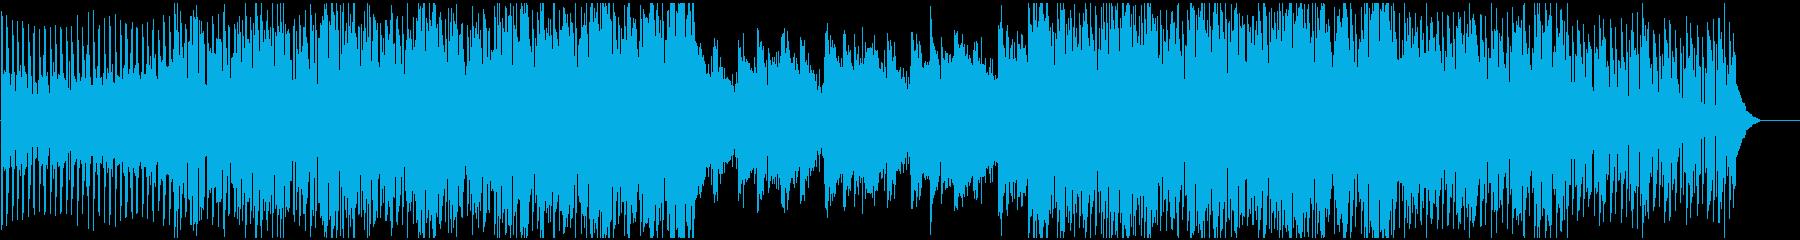 モダンでファンキーなディスコサウンドの再生済みの波形